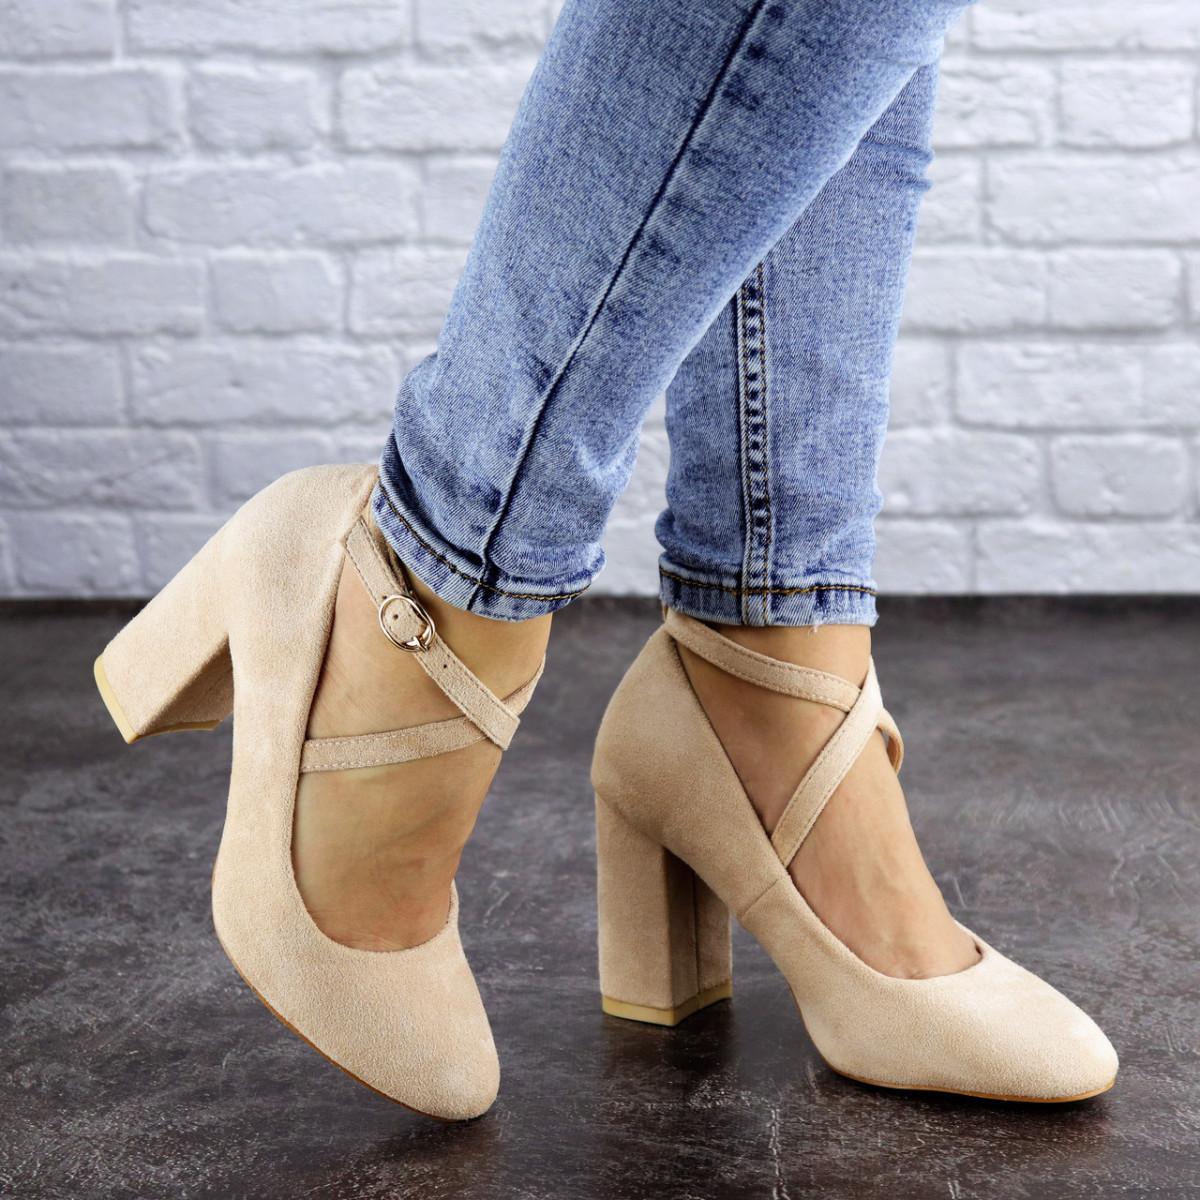 Туфли женские на каблуке бежевые Blitz 2112 (38 размер)